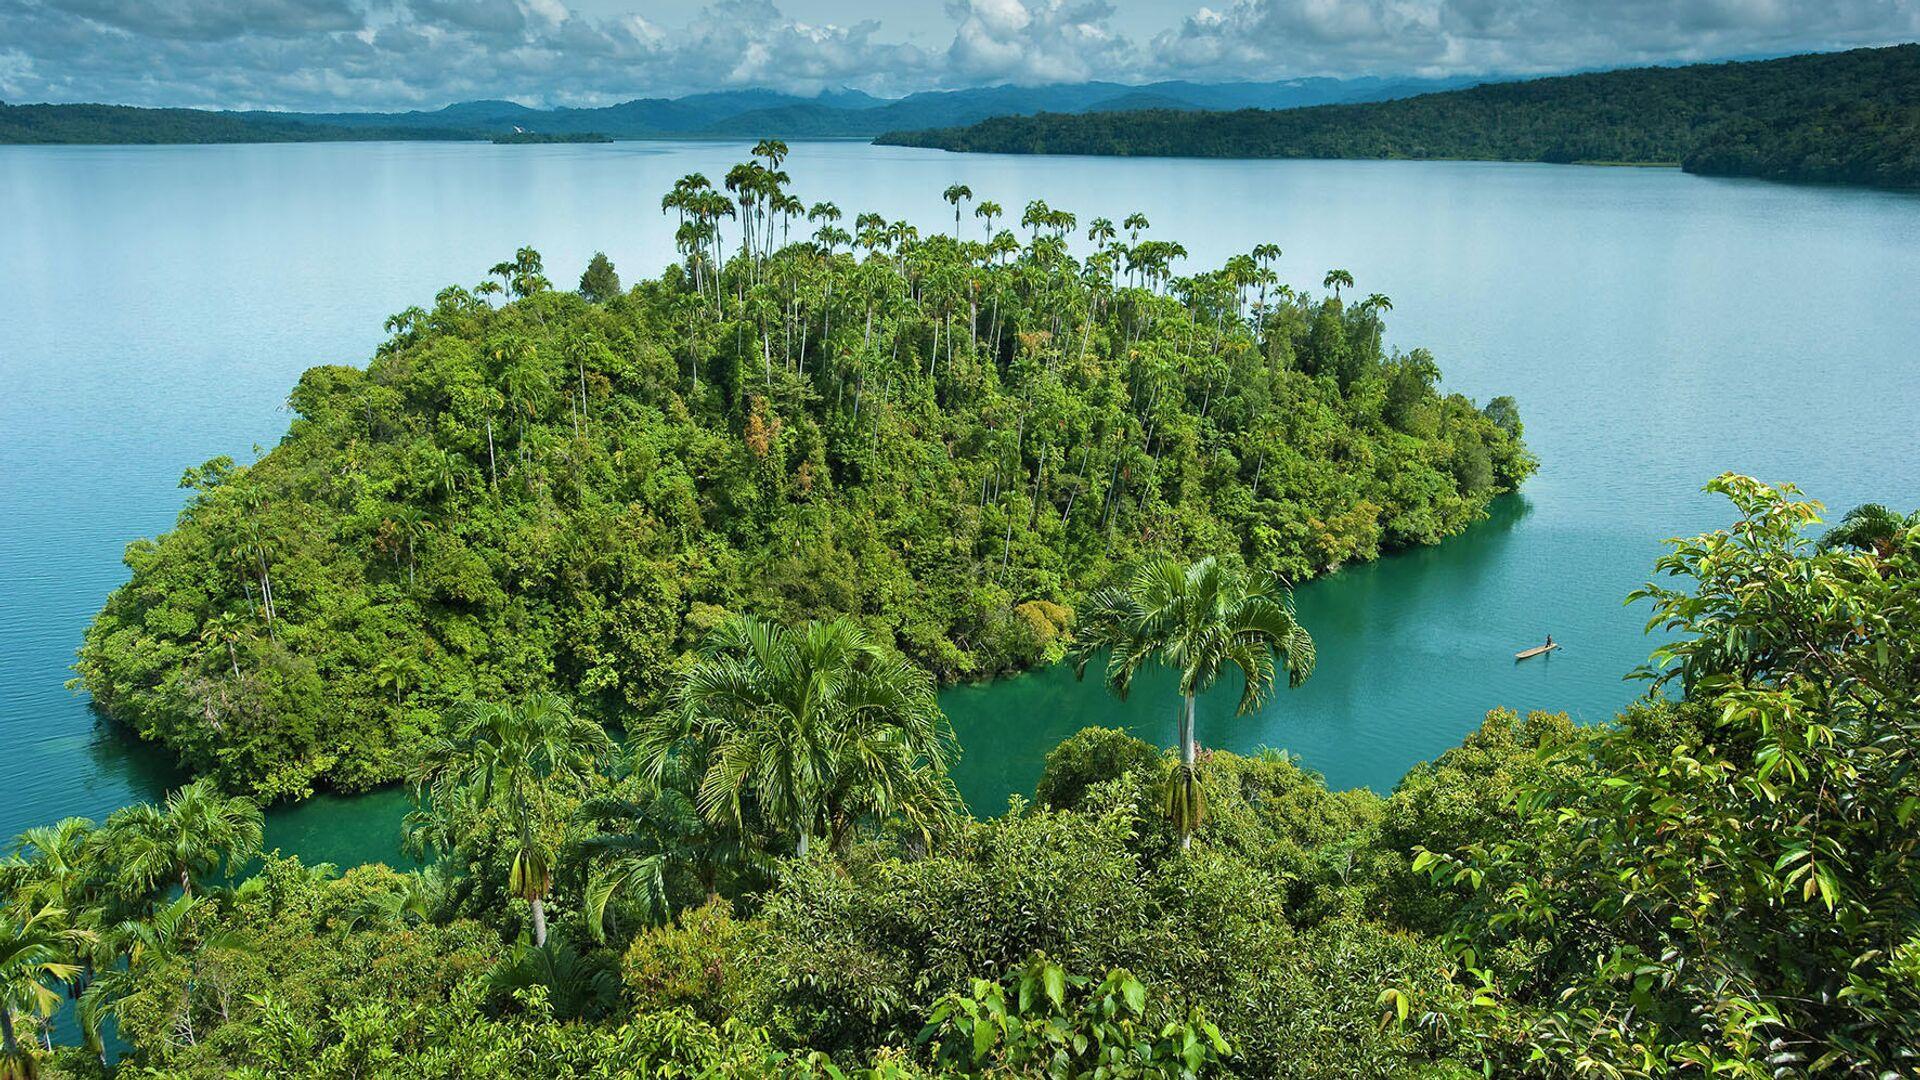 В Папуа-Новой Гвинее произошло землетрясение магнитудой 5,6 баллов